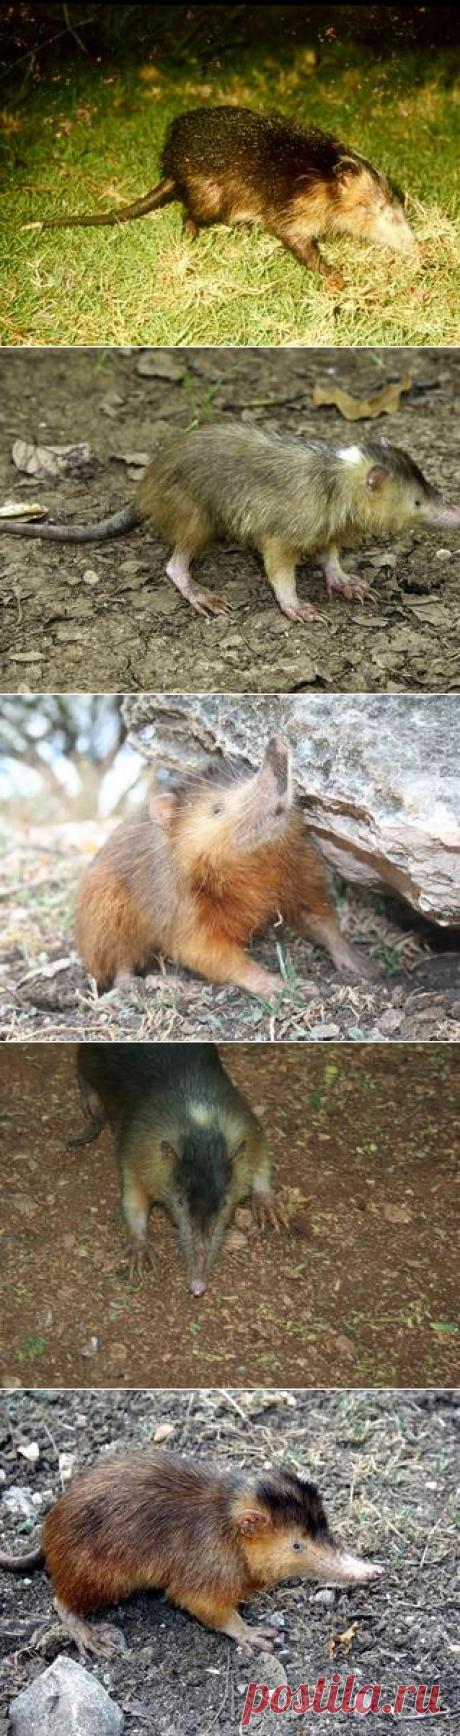 Смотреть изображения щелезубов | Зооляндия